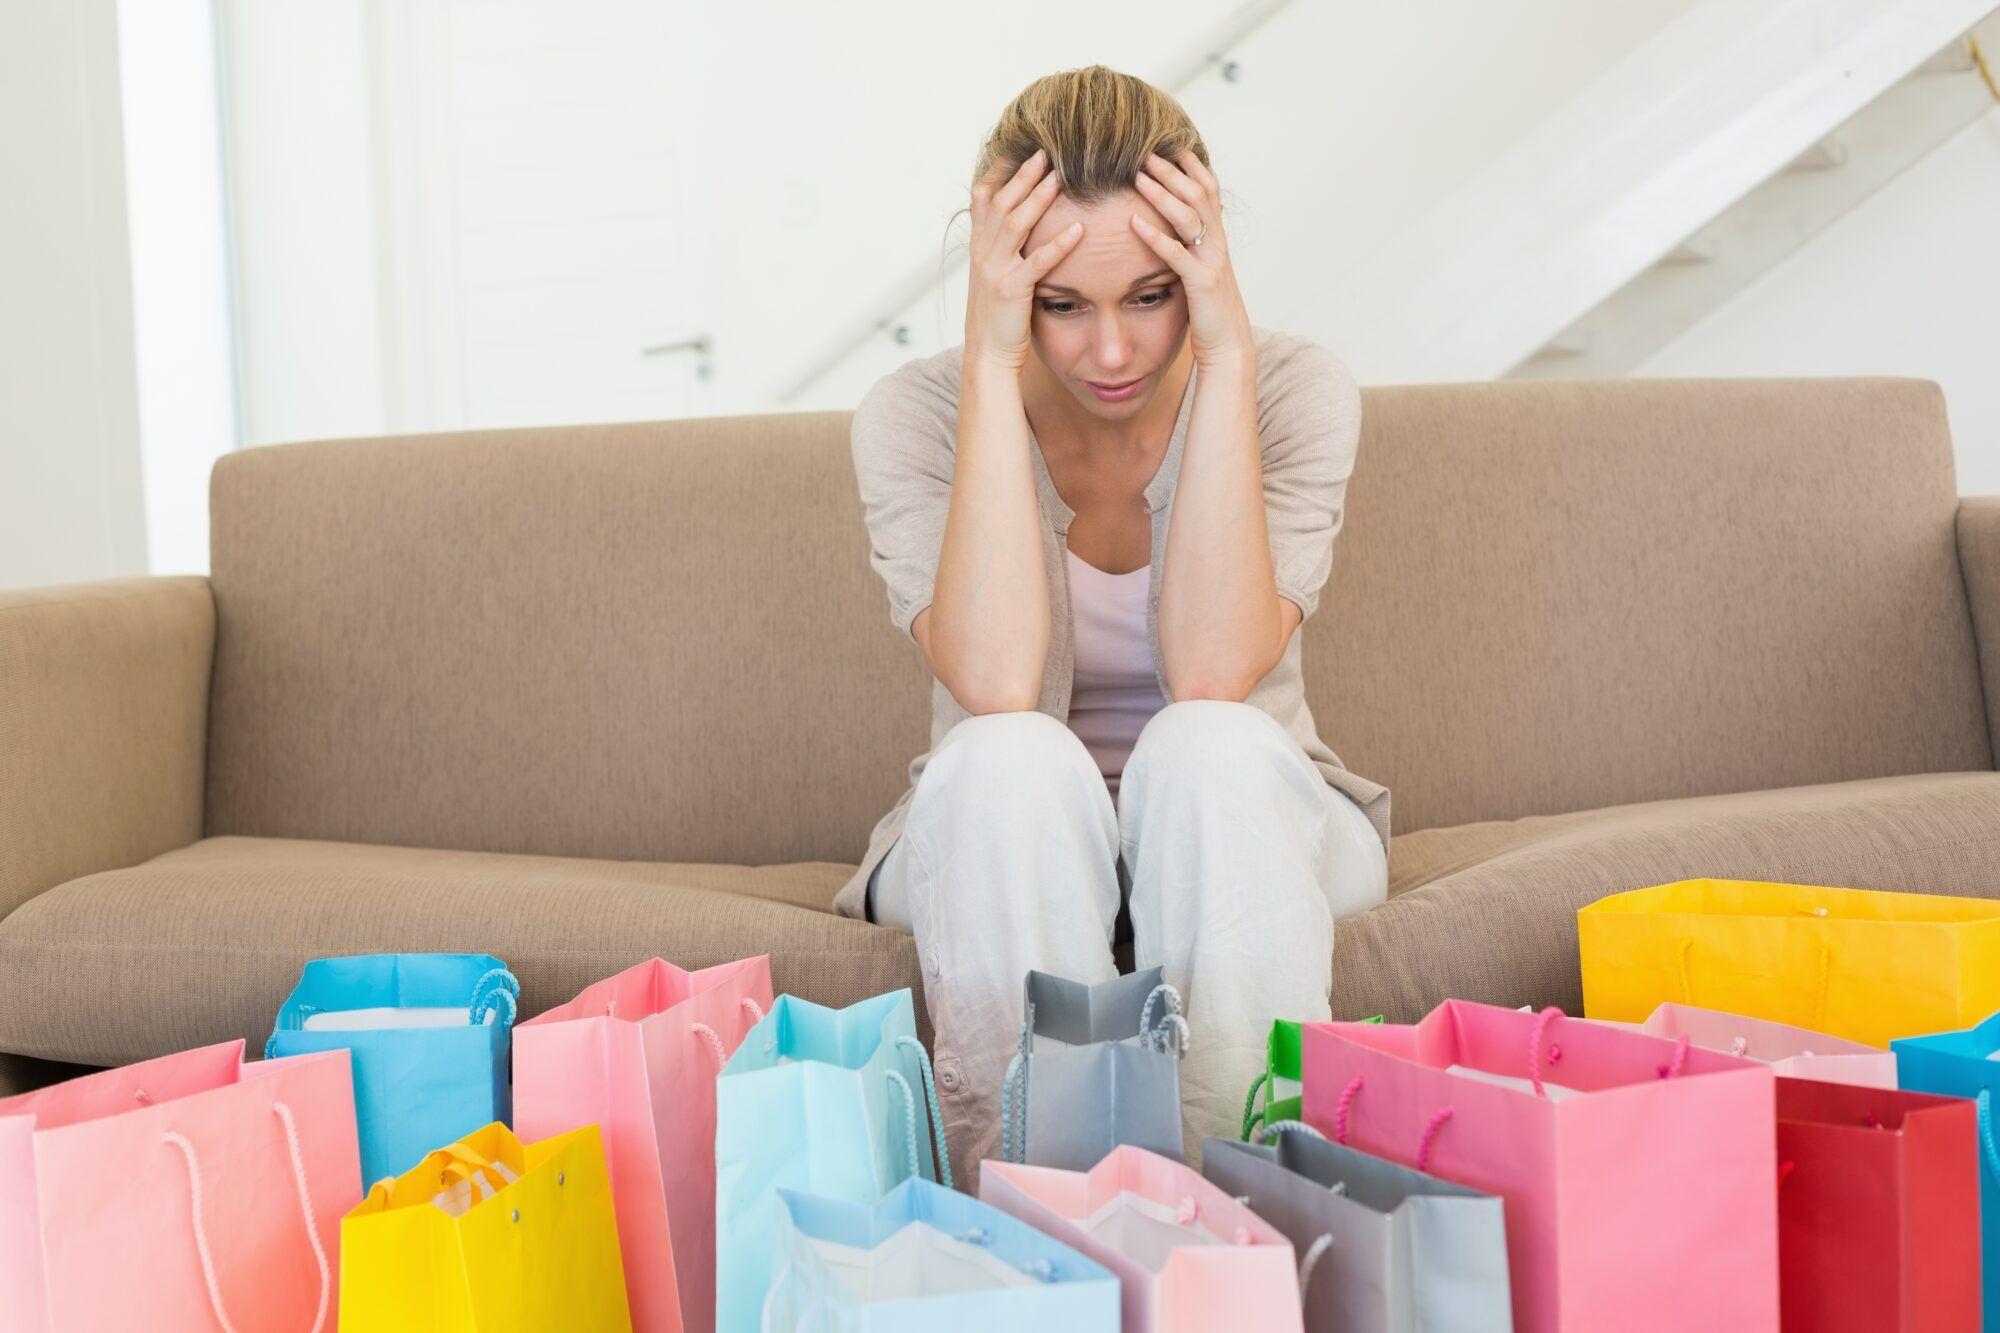 Lo shopping e la ricerca della felicità apparente | Dipendiamo.blog